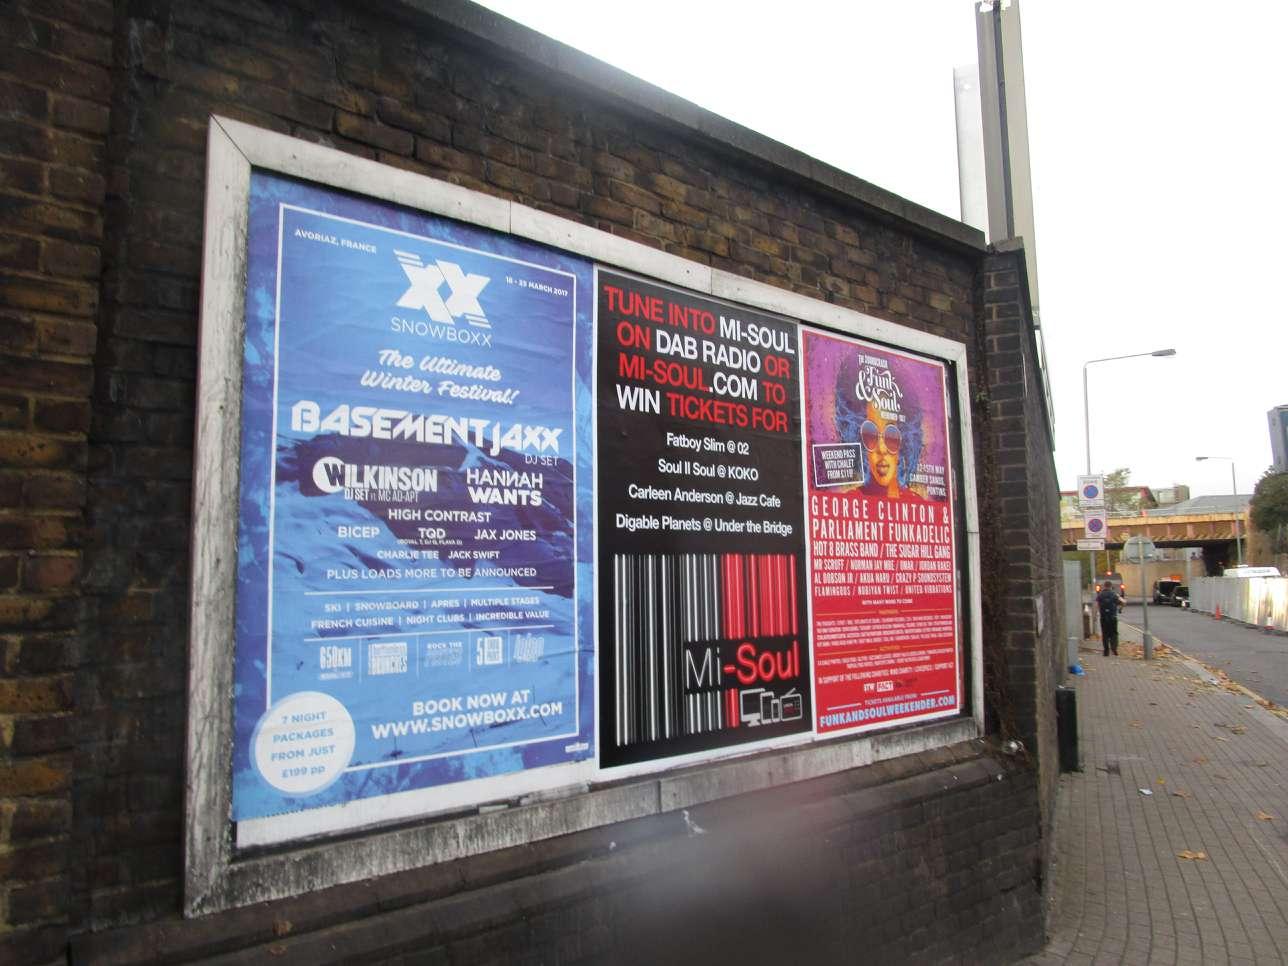 Mi-Soul Radio Poster Campaign